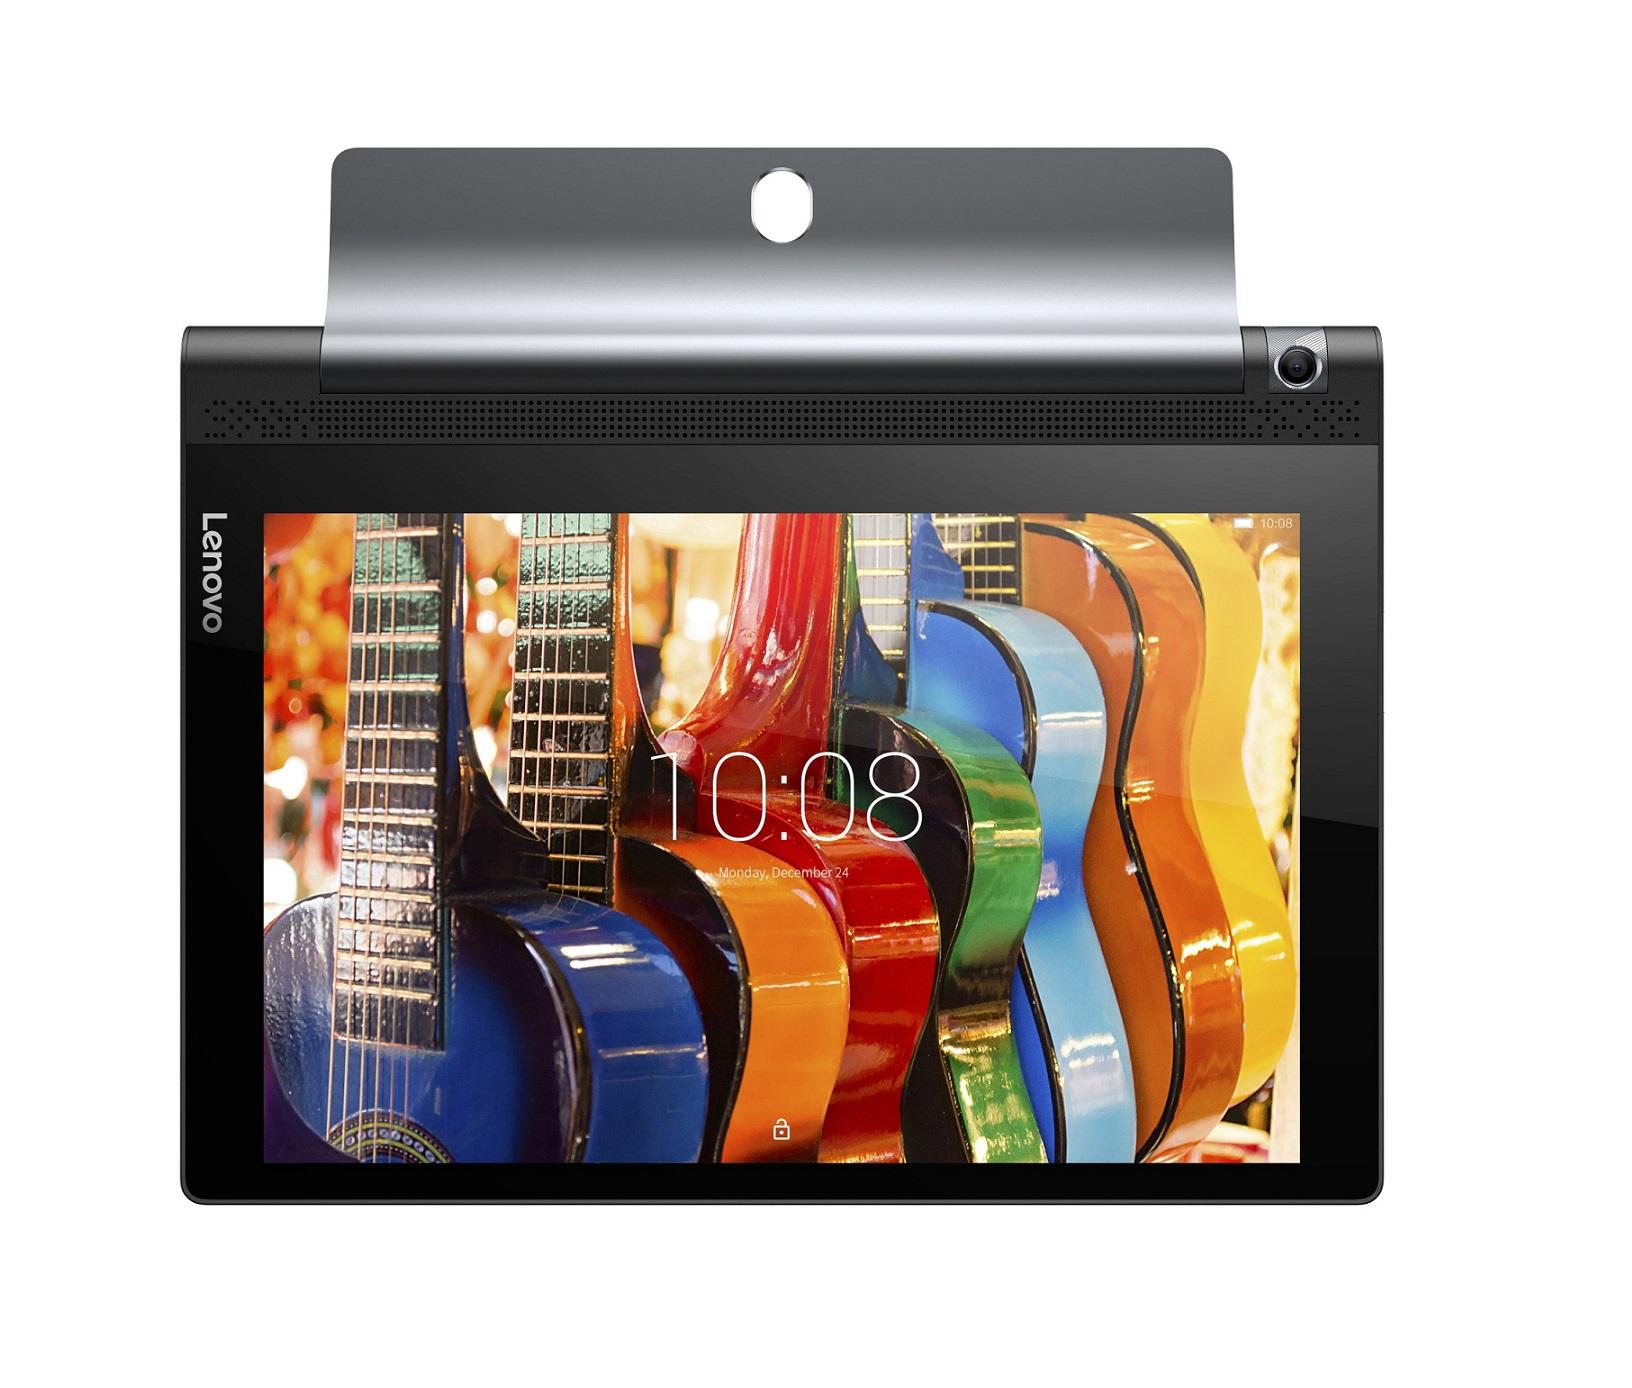 """Lenovo Yoga Tab 3 10,1"""" (4-JADRO, 2GB RAM, 16GB, VýDRž Až 18 HODíN, KAMERA OTOčNá 8 MPX)"""